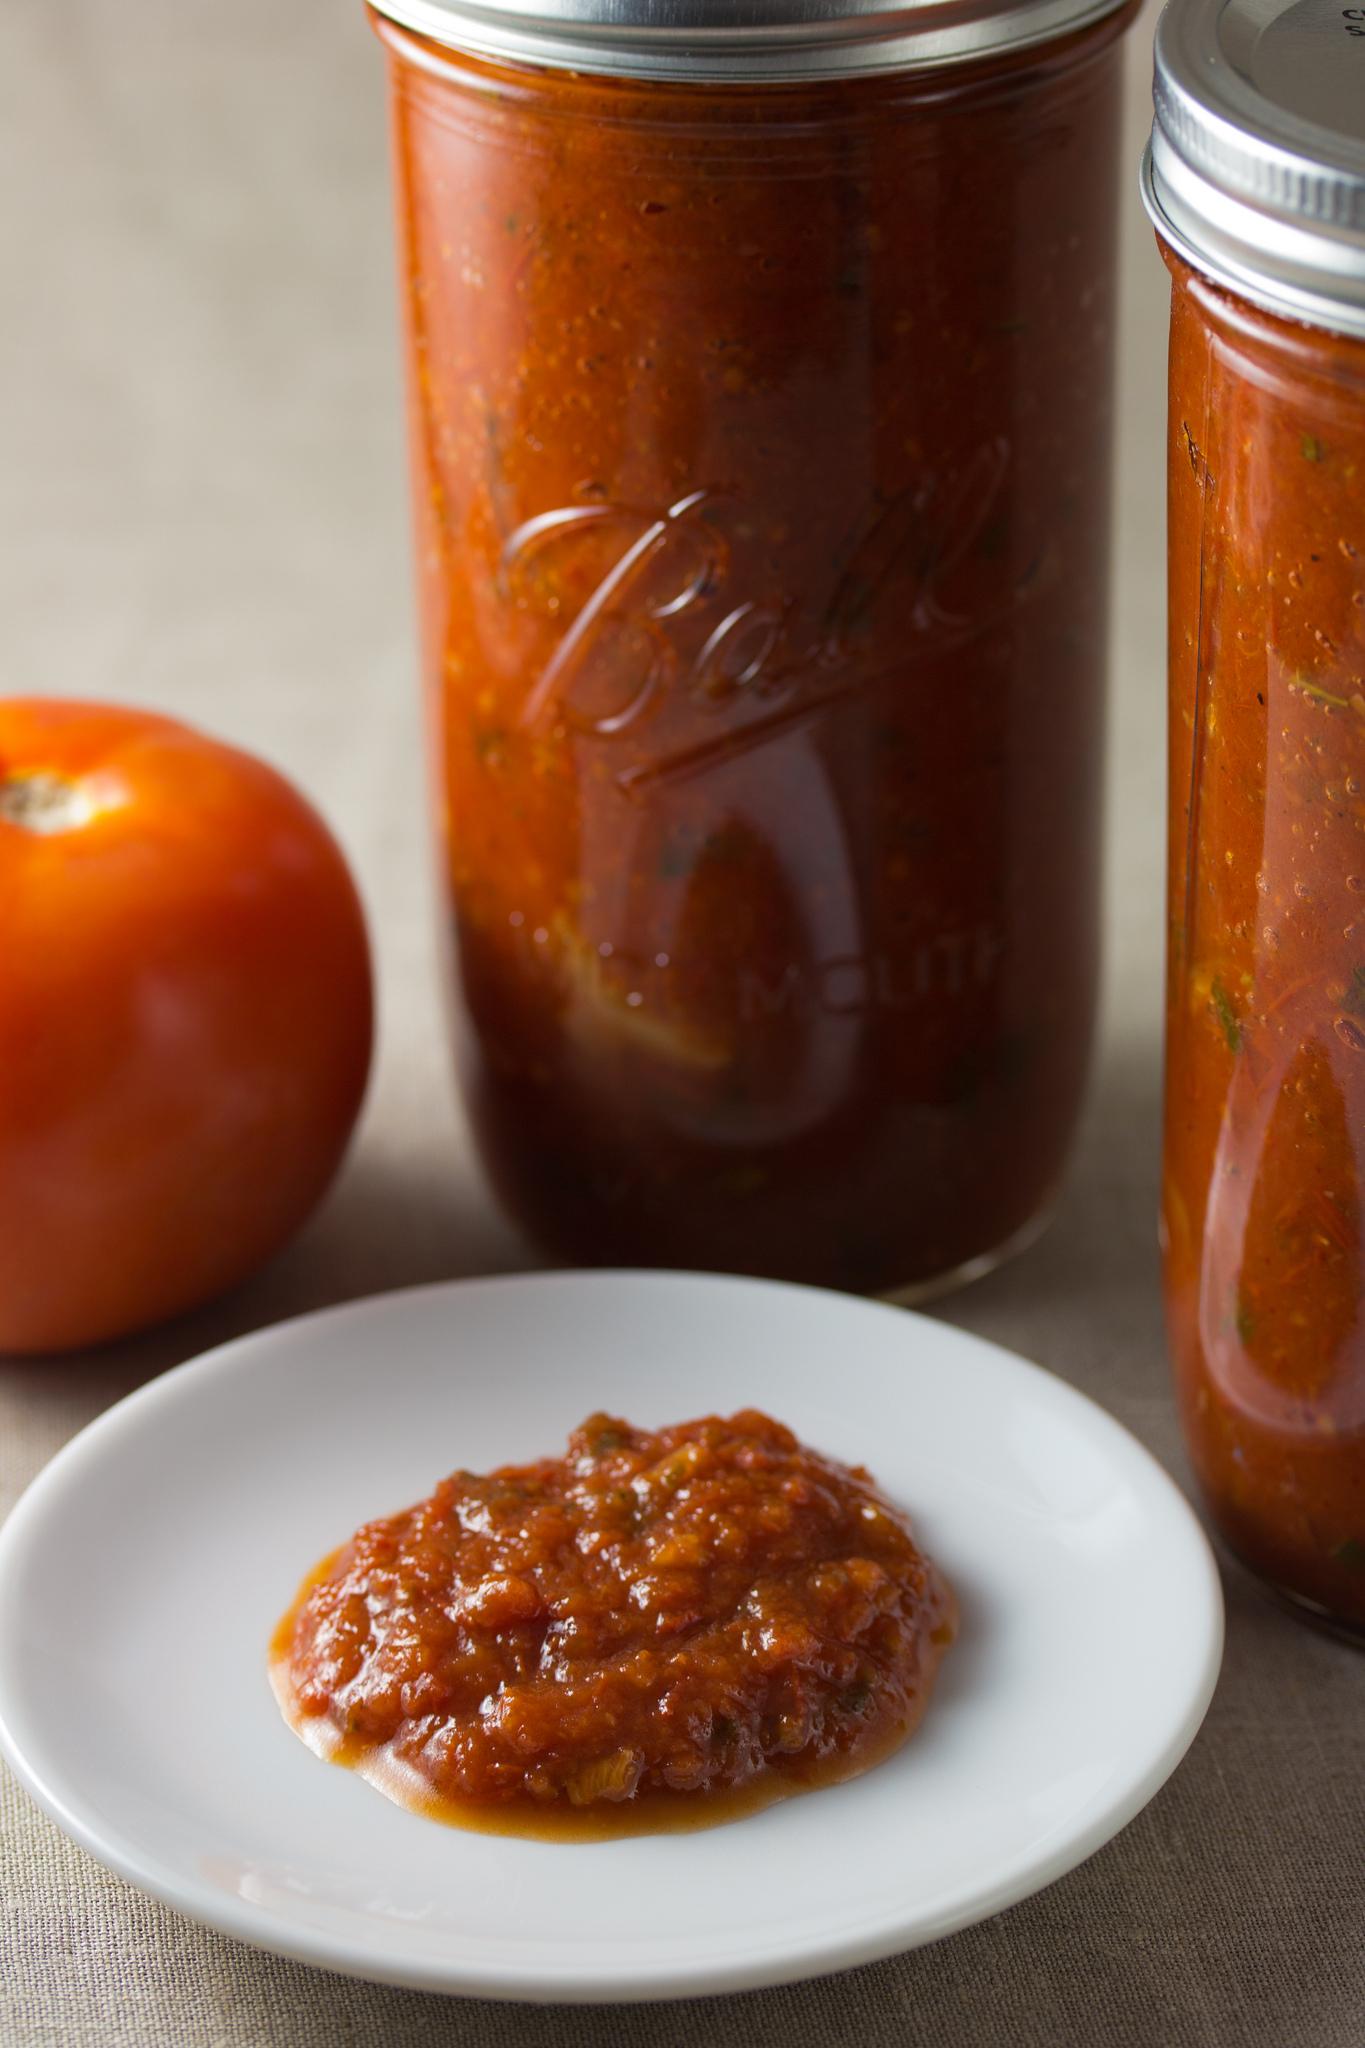 Homemade Tomate Marinara Sauce - #HealthyHappySmart #Recipe